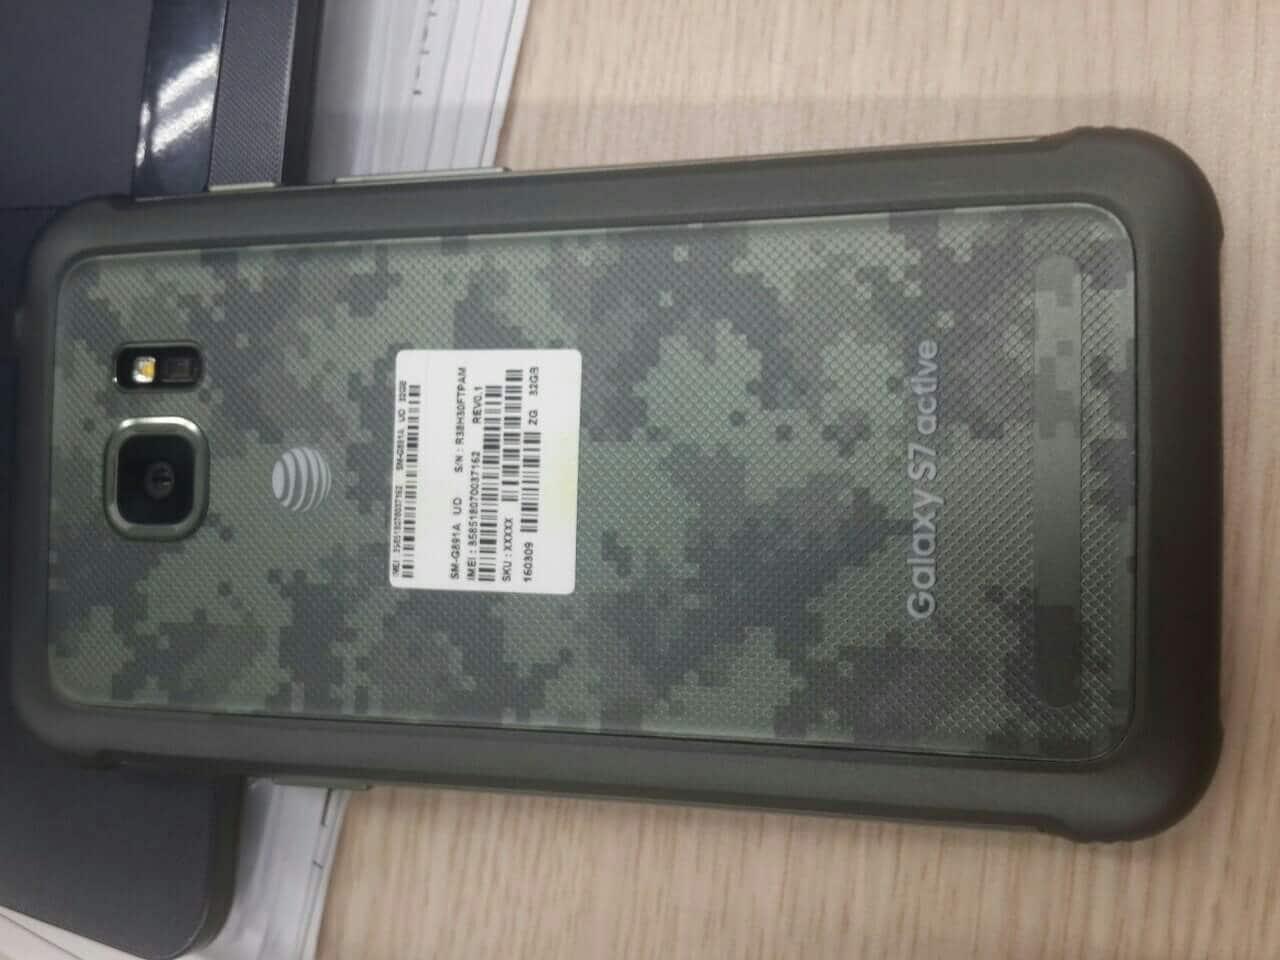 Active, la variante di Galaxy S7 che non ha bisogno di una cover, si mostra nelle prime foto